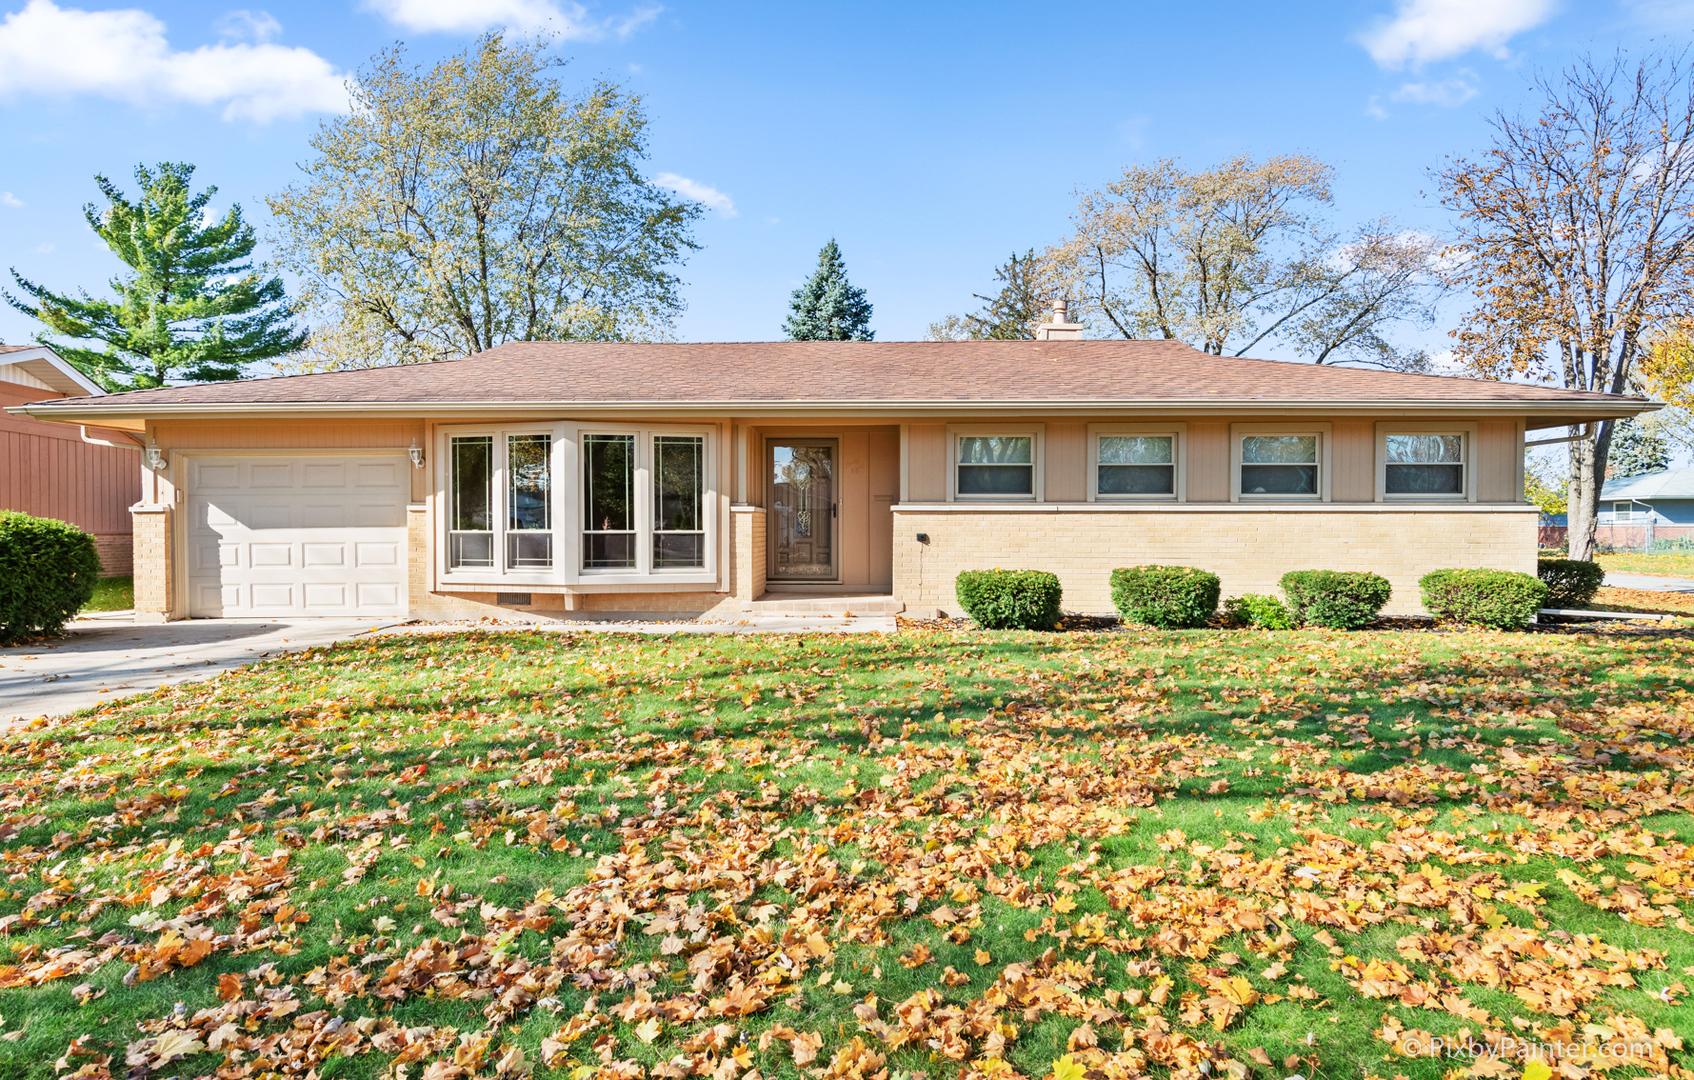 48 Ridgewood Road, Elk Grove Village, Illinois